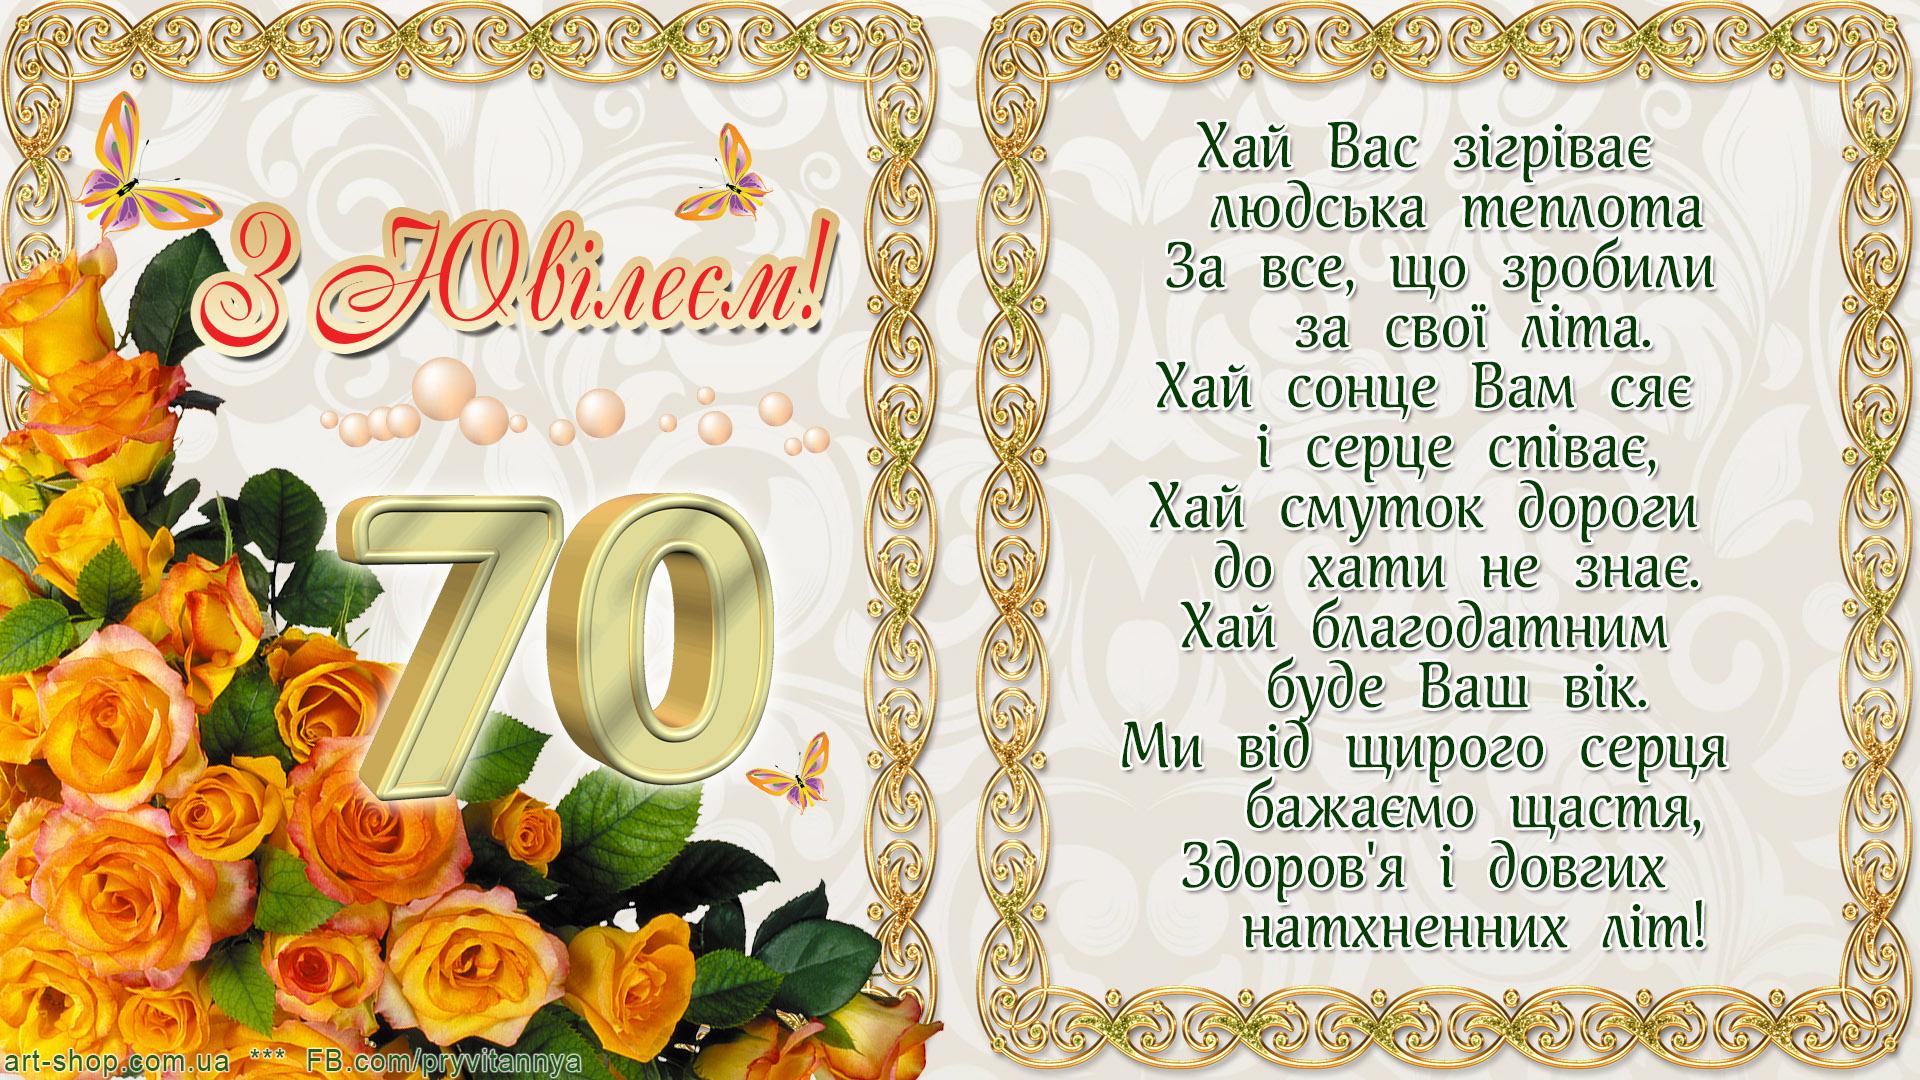 Поздравления учителю в 70 лет